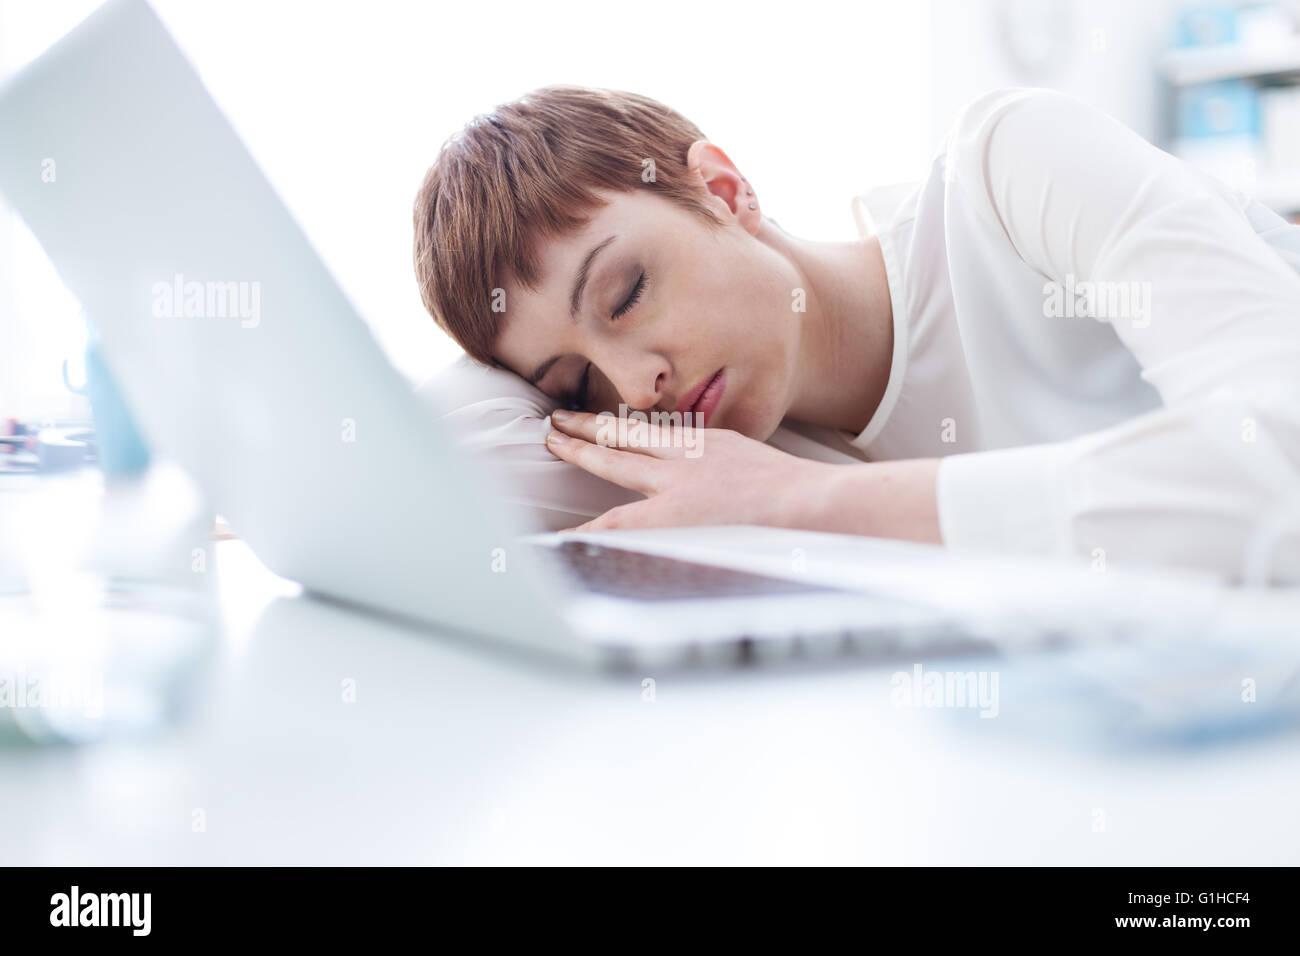 Schlafen auf ihrem Schreibtisch und stützte sich auf ihren Arm müde Geschäftsfrau Stockbild